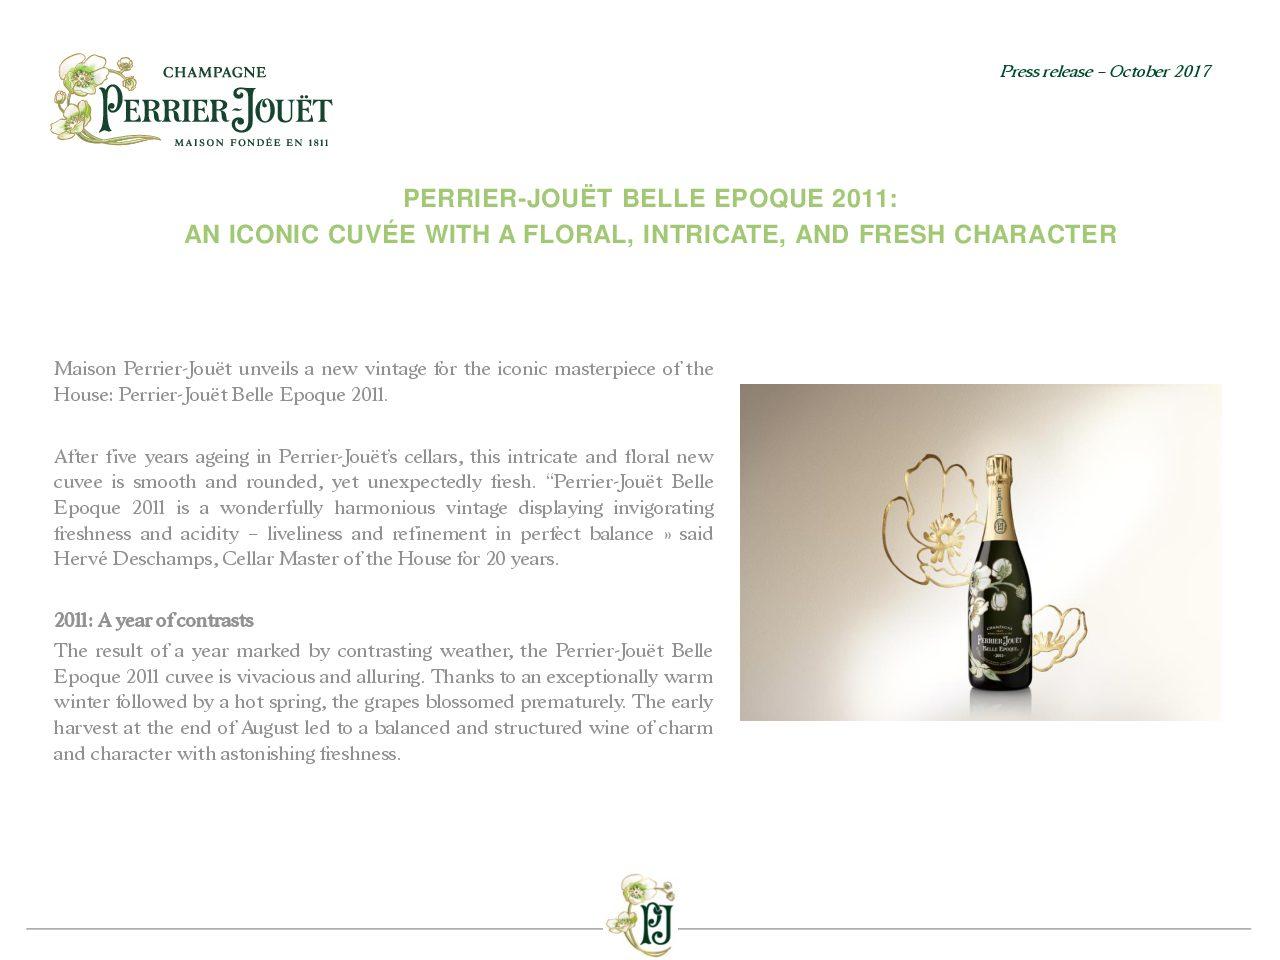 Press Release Perrier-Jouët Belle Epoque 2011